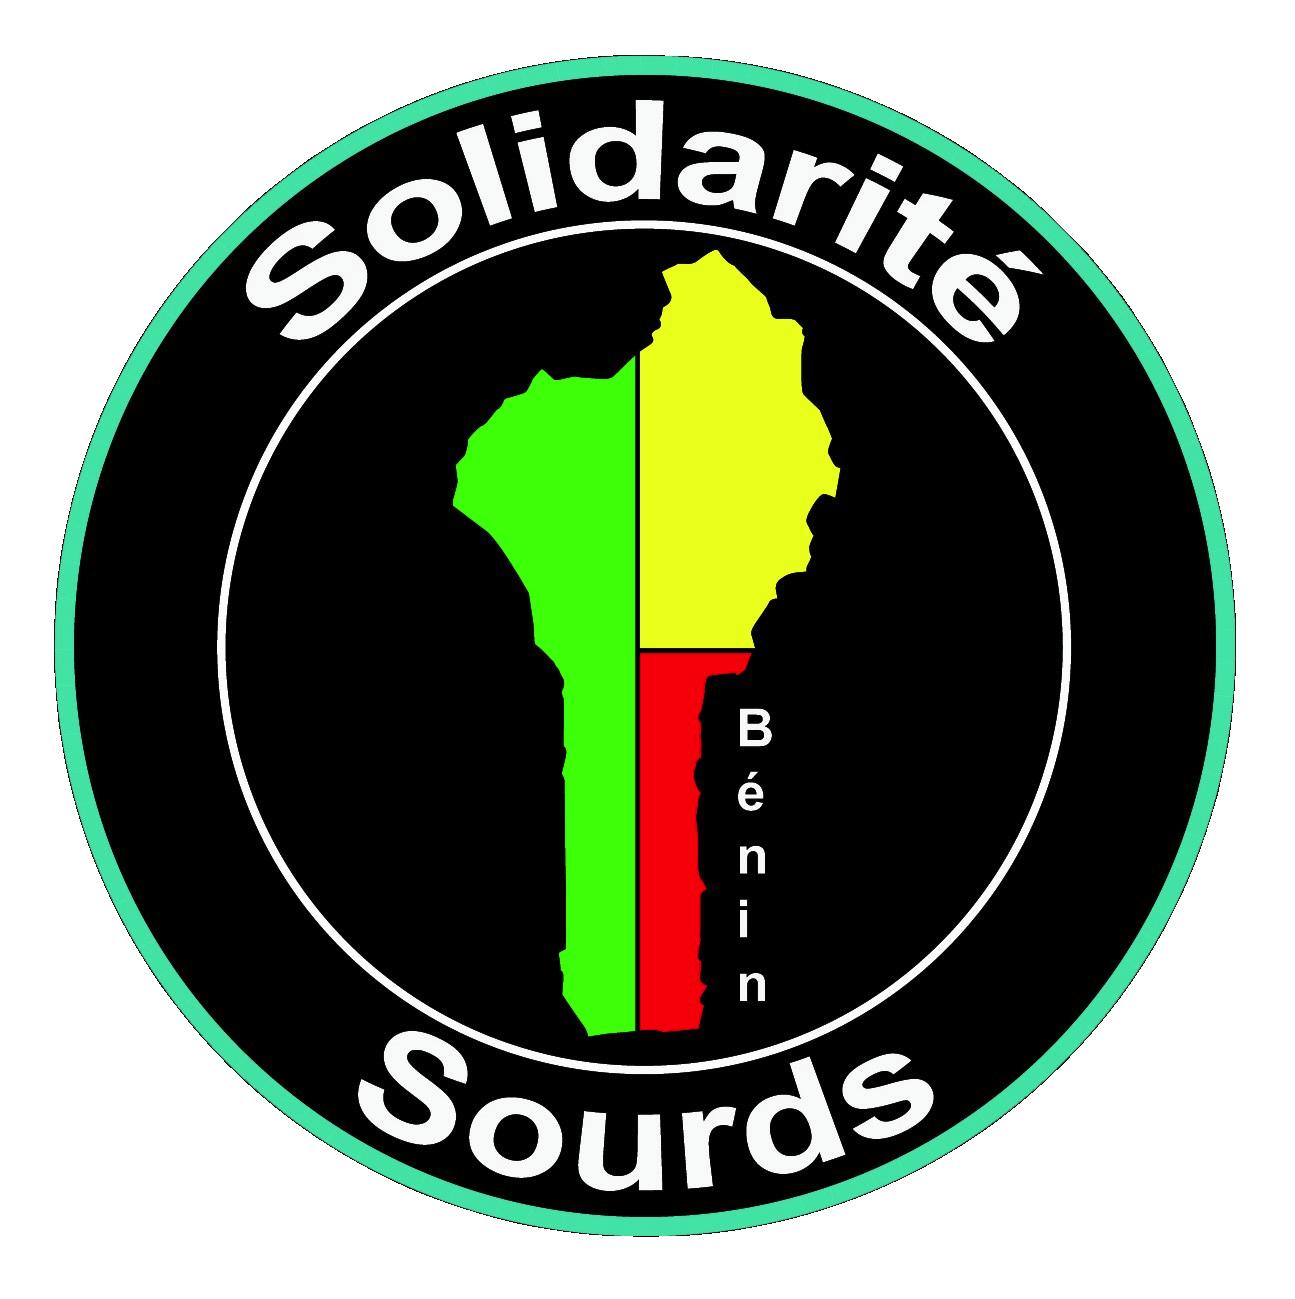 Solidarité-Sourds-Bénin